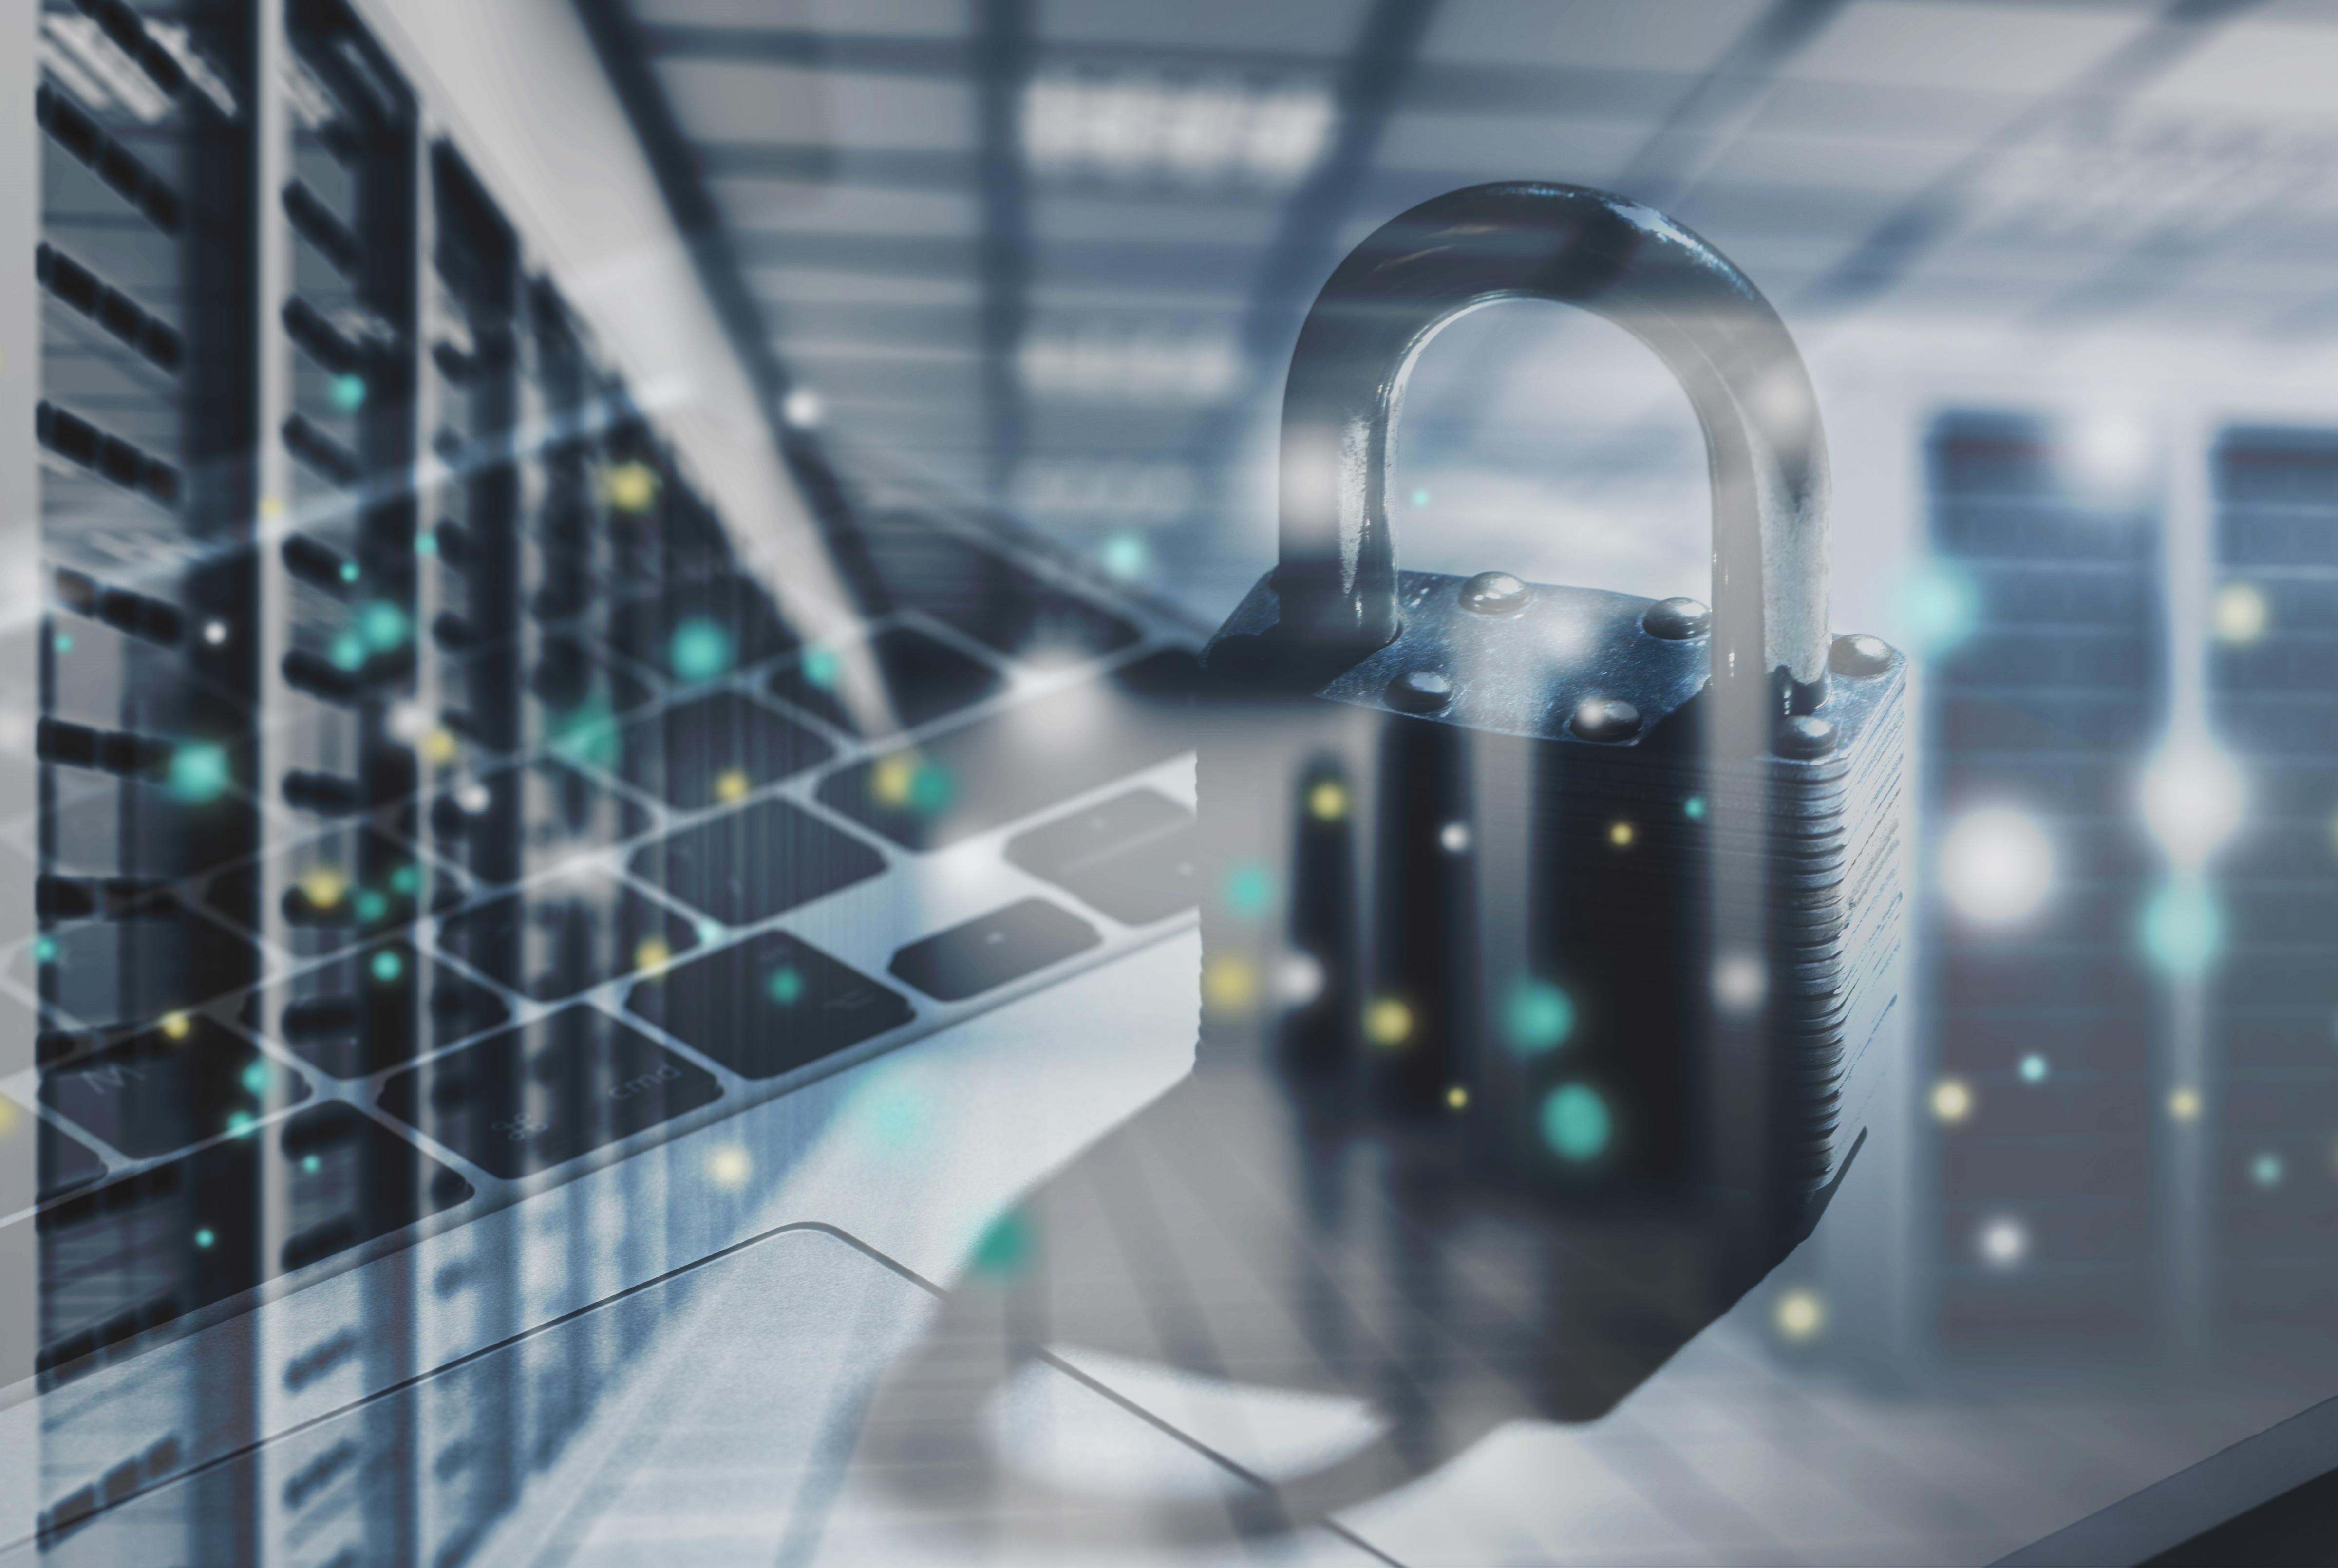 삼성SDS, 2021년 사이버보안 7대 트렌드 선정